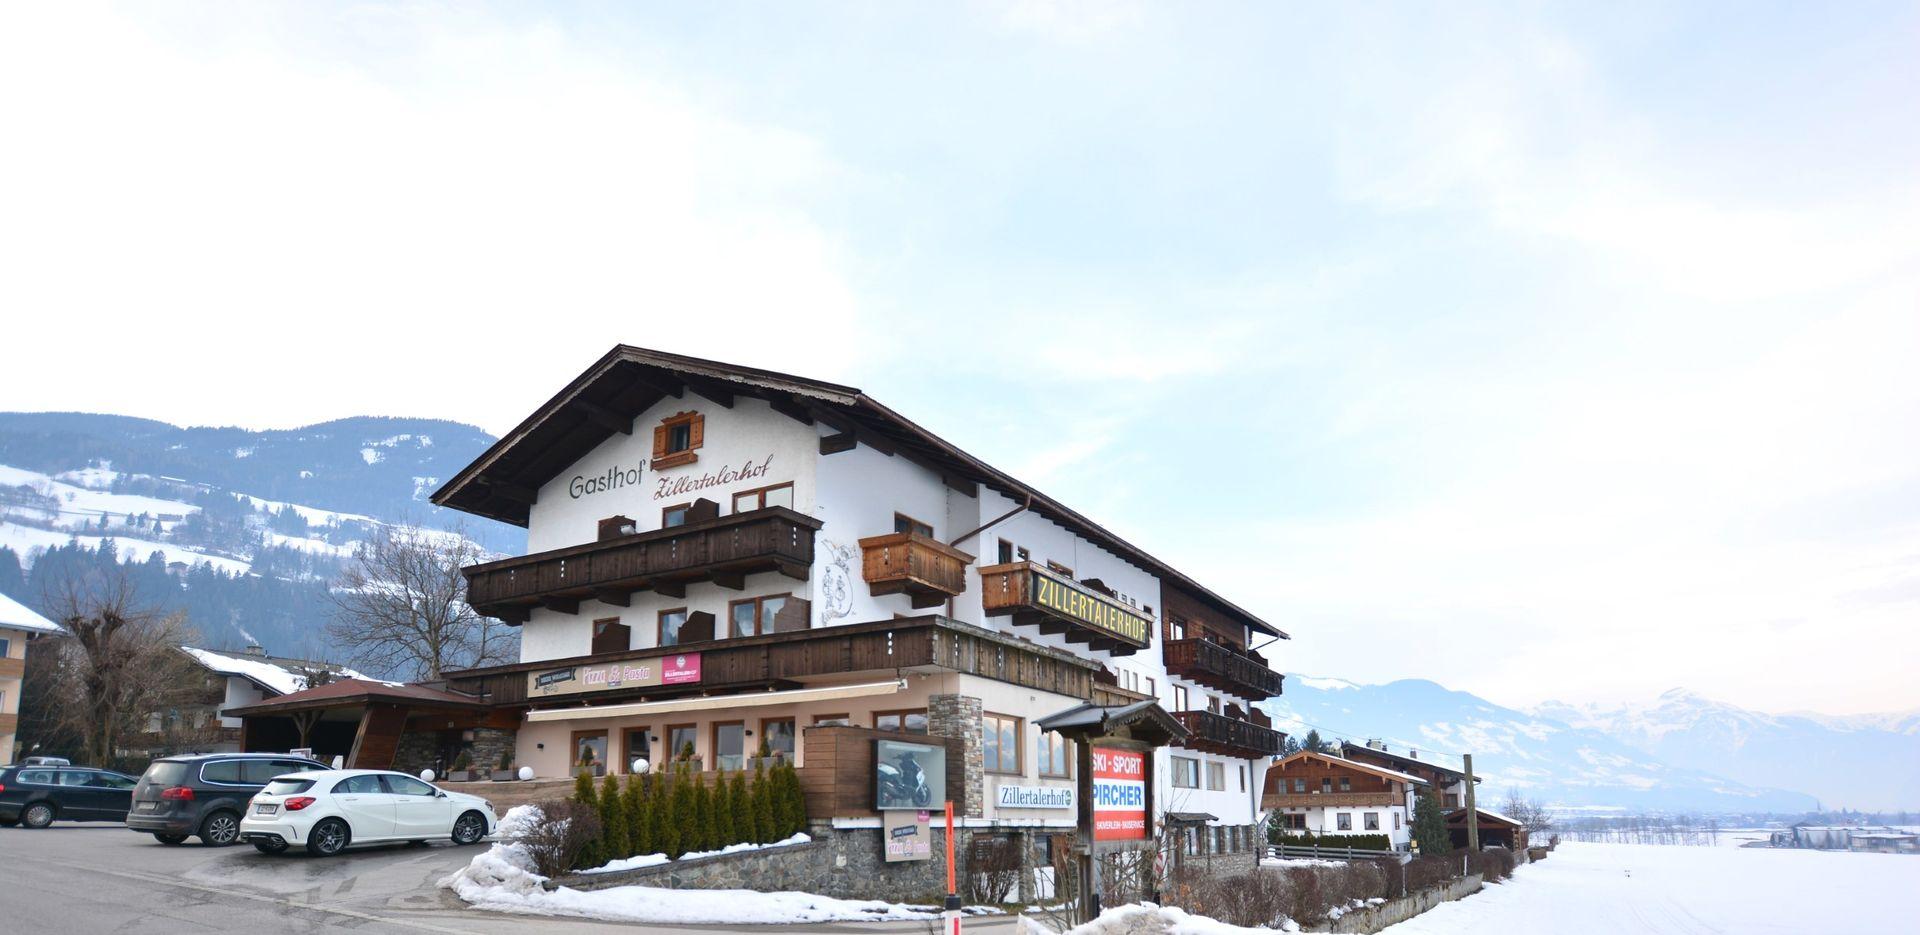 Chalet Kaltenbach - Hotel-Gasthof Zillertalerhof